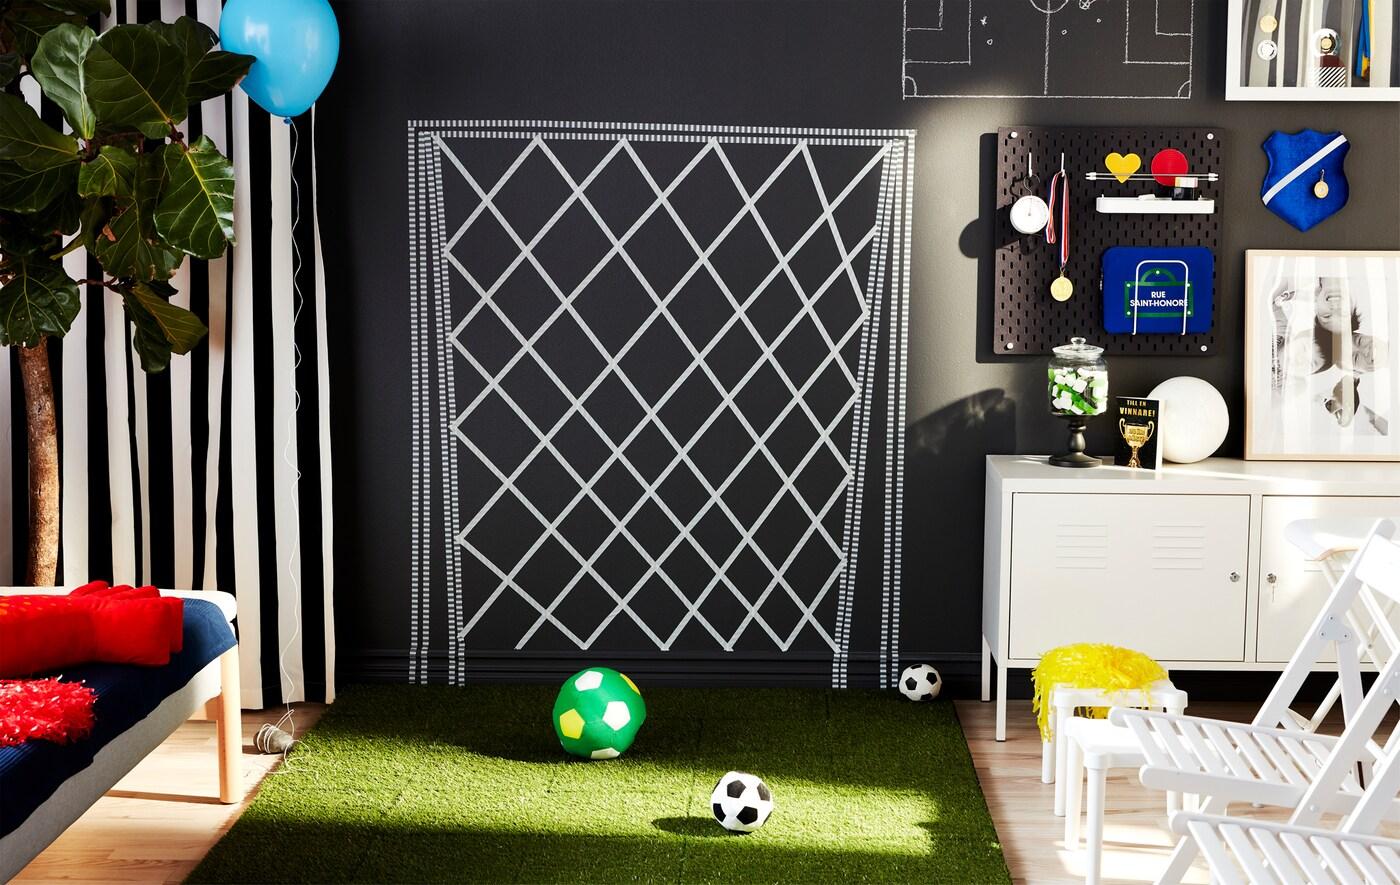 Salón decorado para imitar a un campo de fútbol con césped artificial y portería pintada en la pared